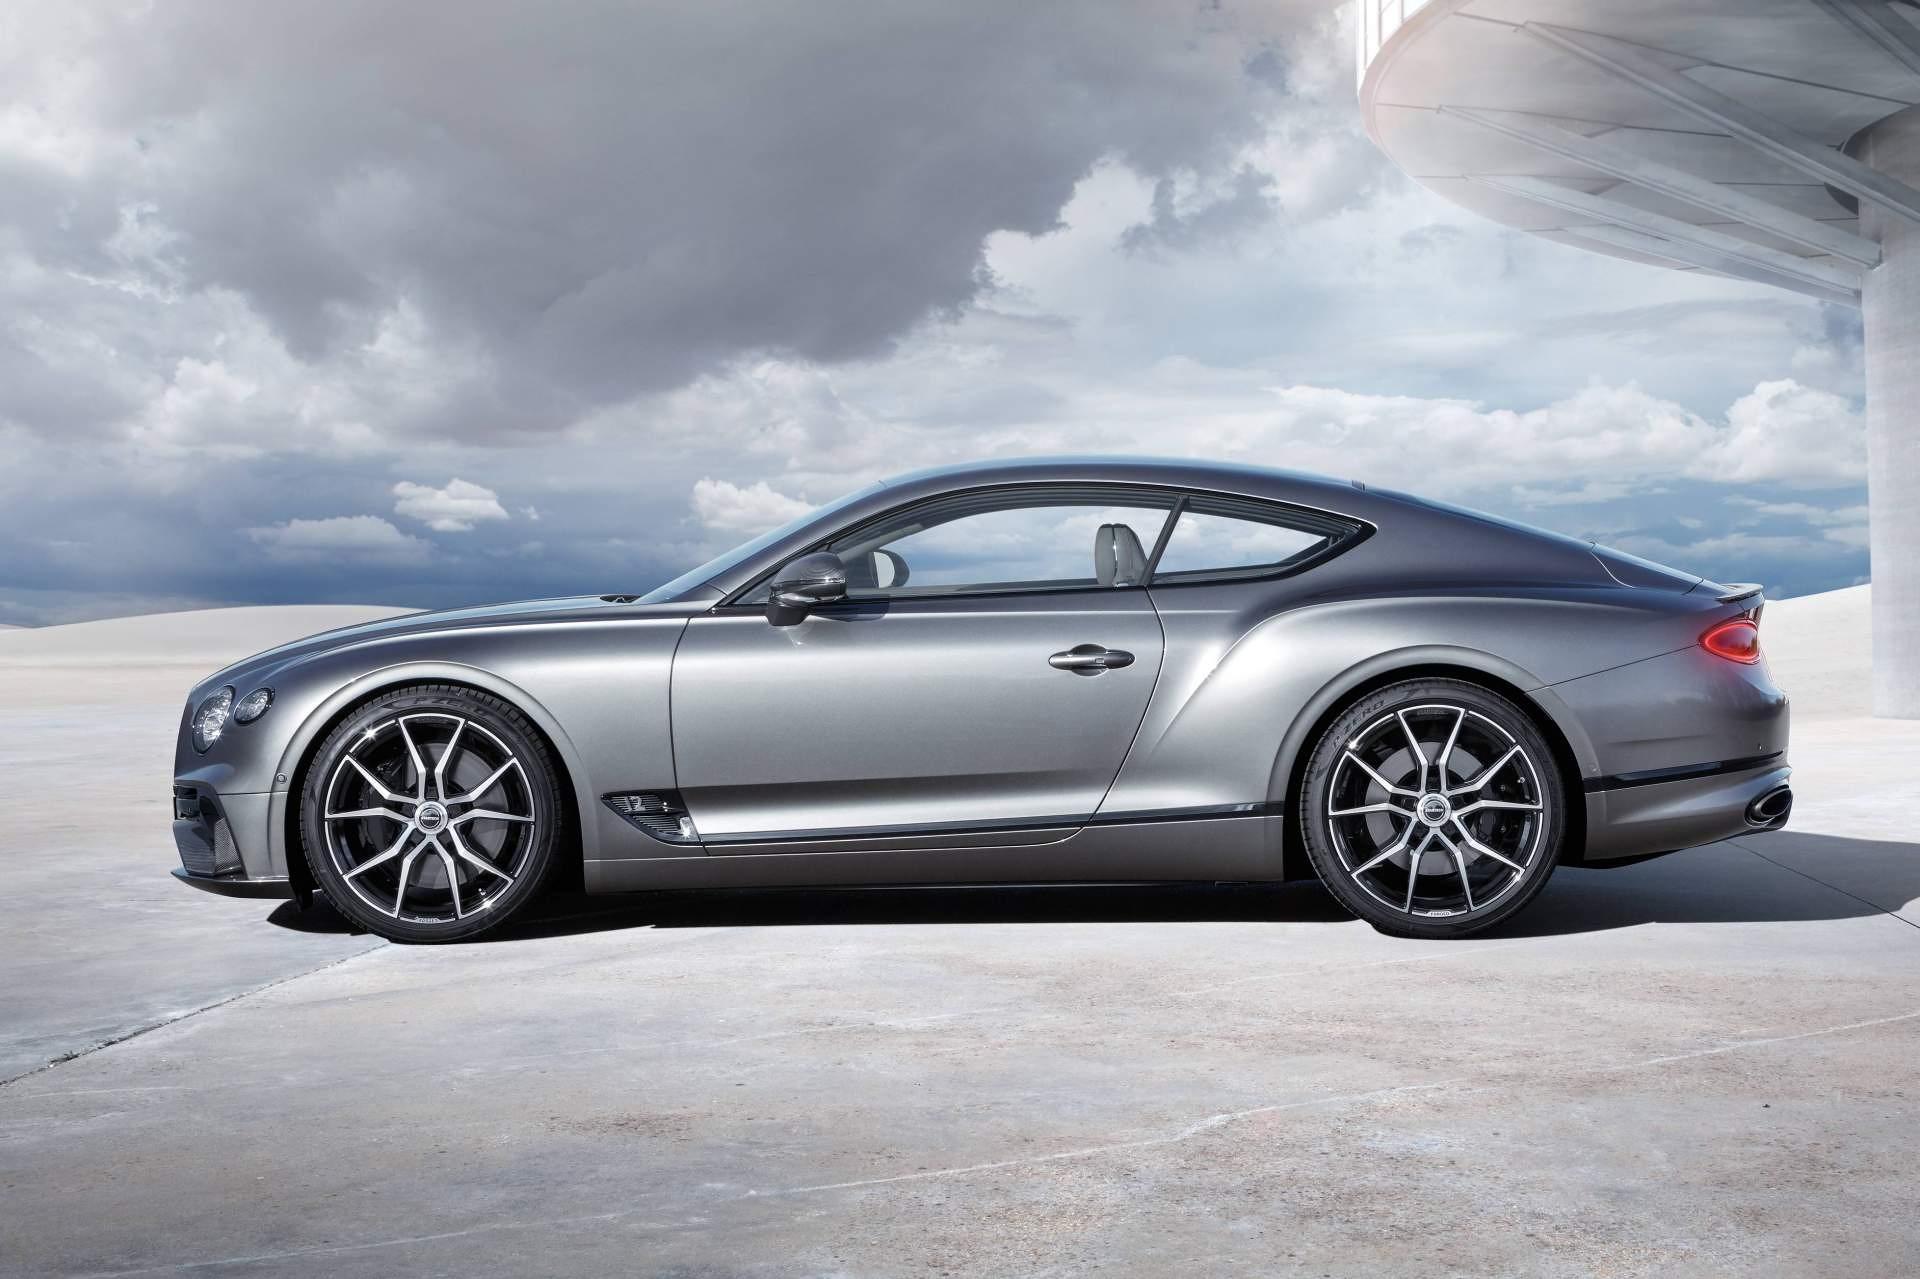 Ngắm Bentley Continental GT sau khi qua tay hãng độ Startech Ảnh 2